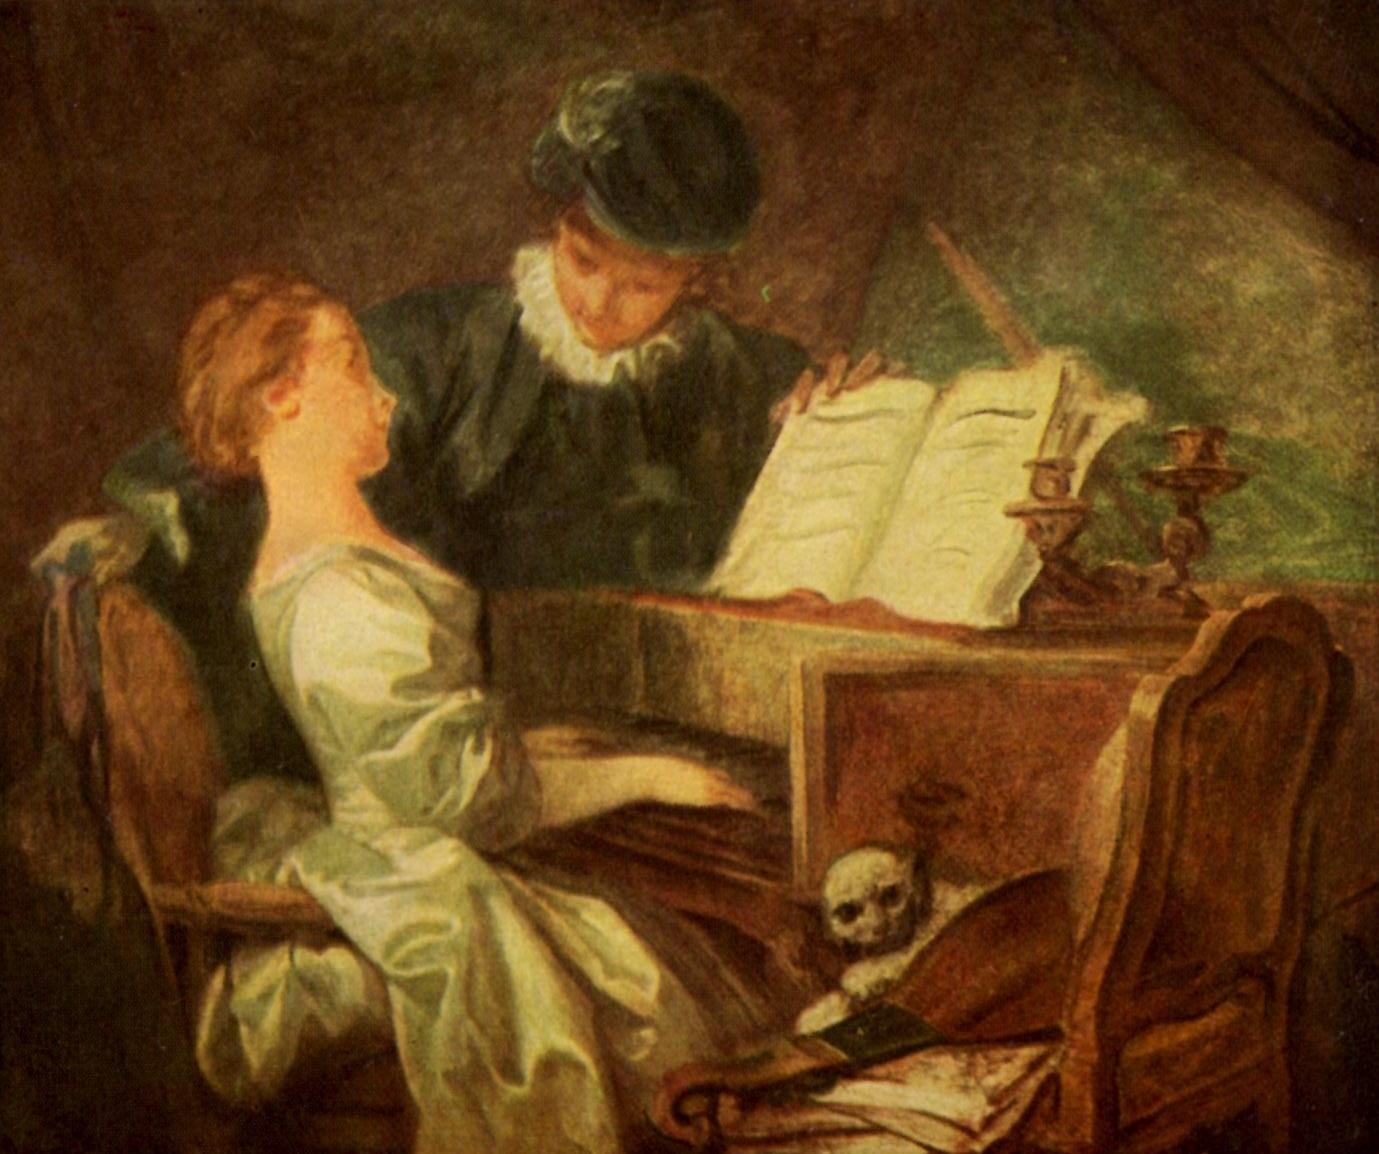 Refleksje o poza muzycznych skojarzeniach, pianistycznym talencie i konkursach